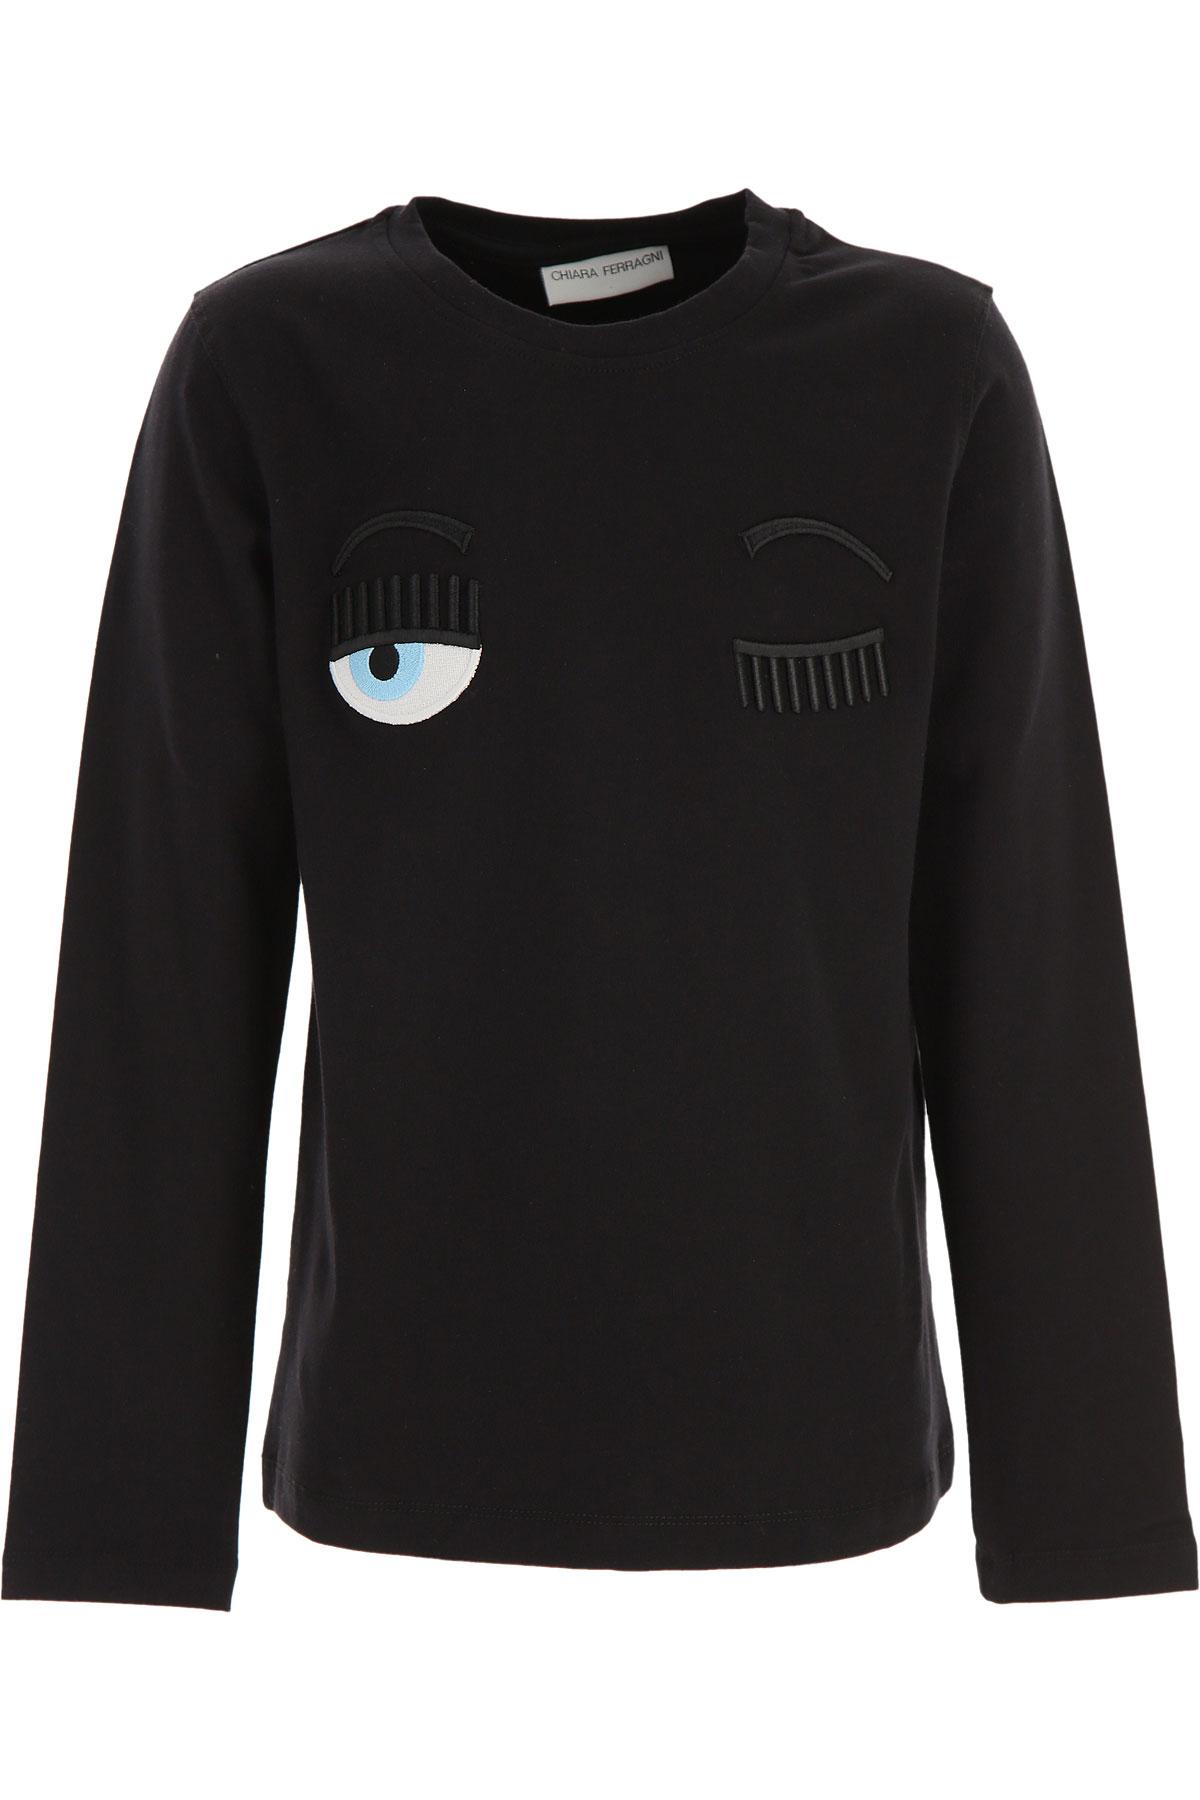 Chiara Ferragni Kids T-Shirt for Girls On Sale, Black, Cotton, 2019, 10Y 12Y 14Y 8Y